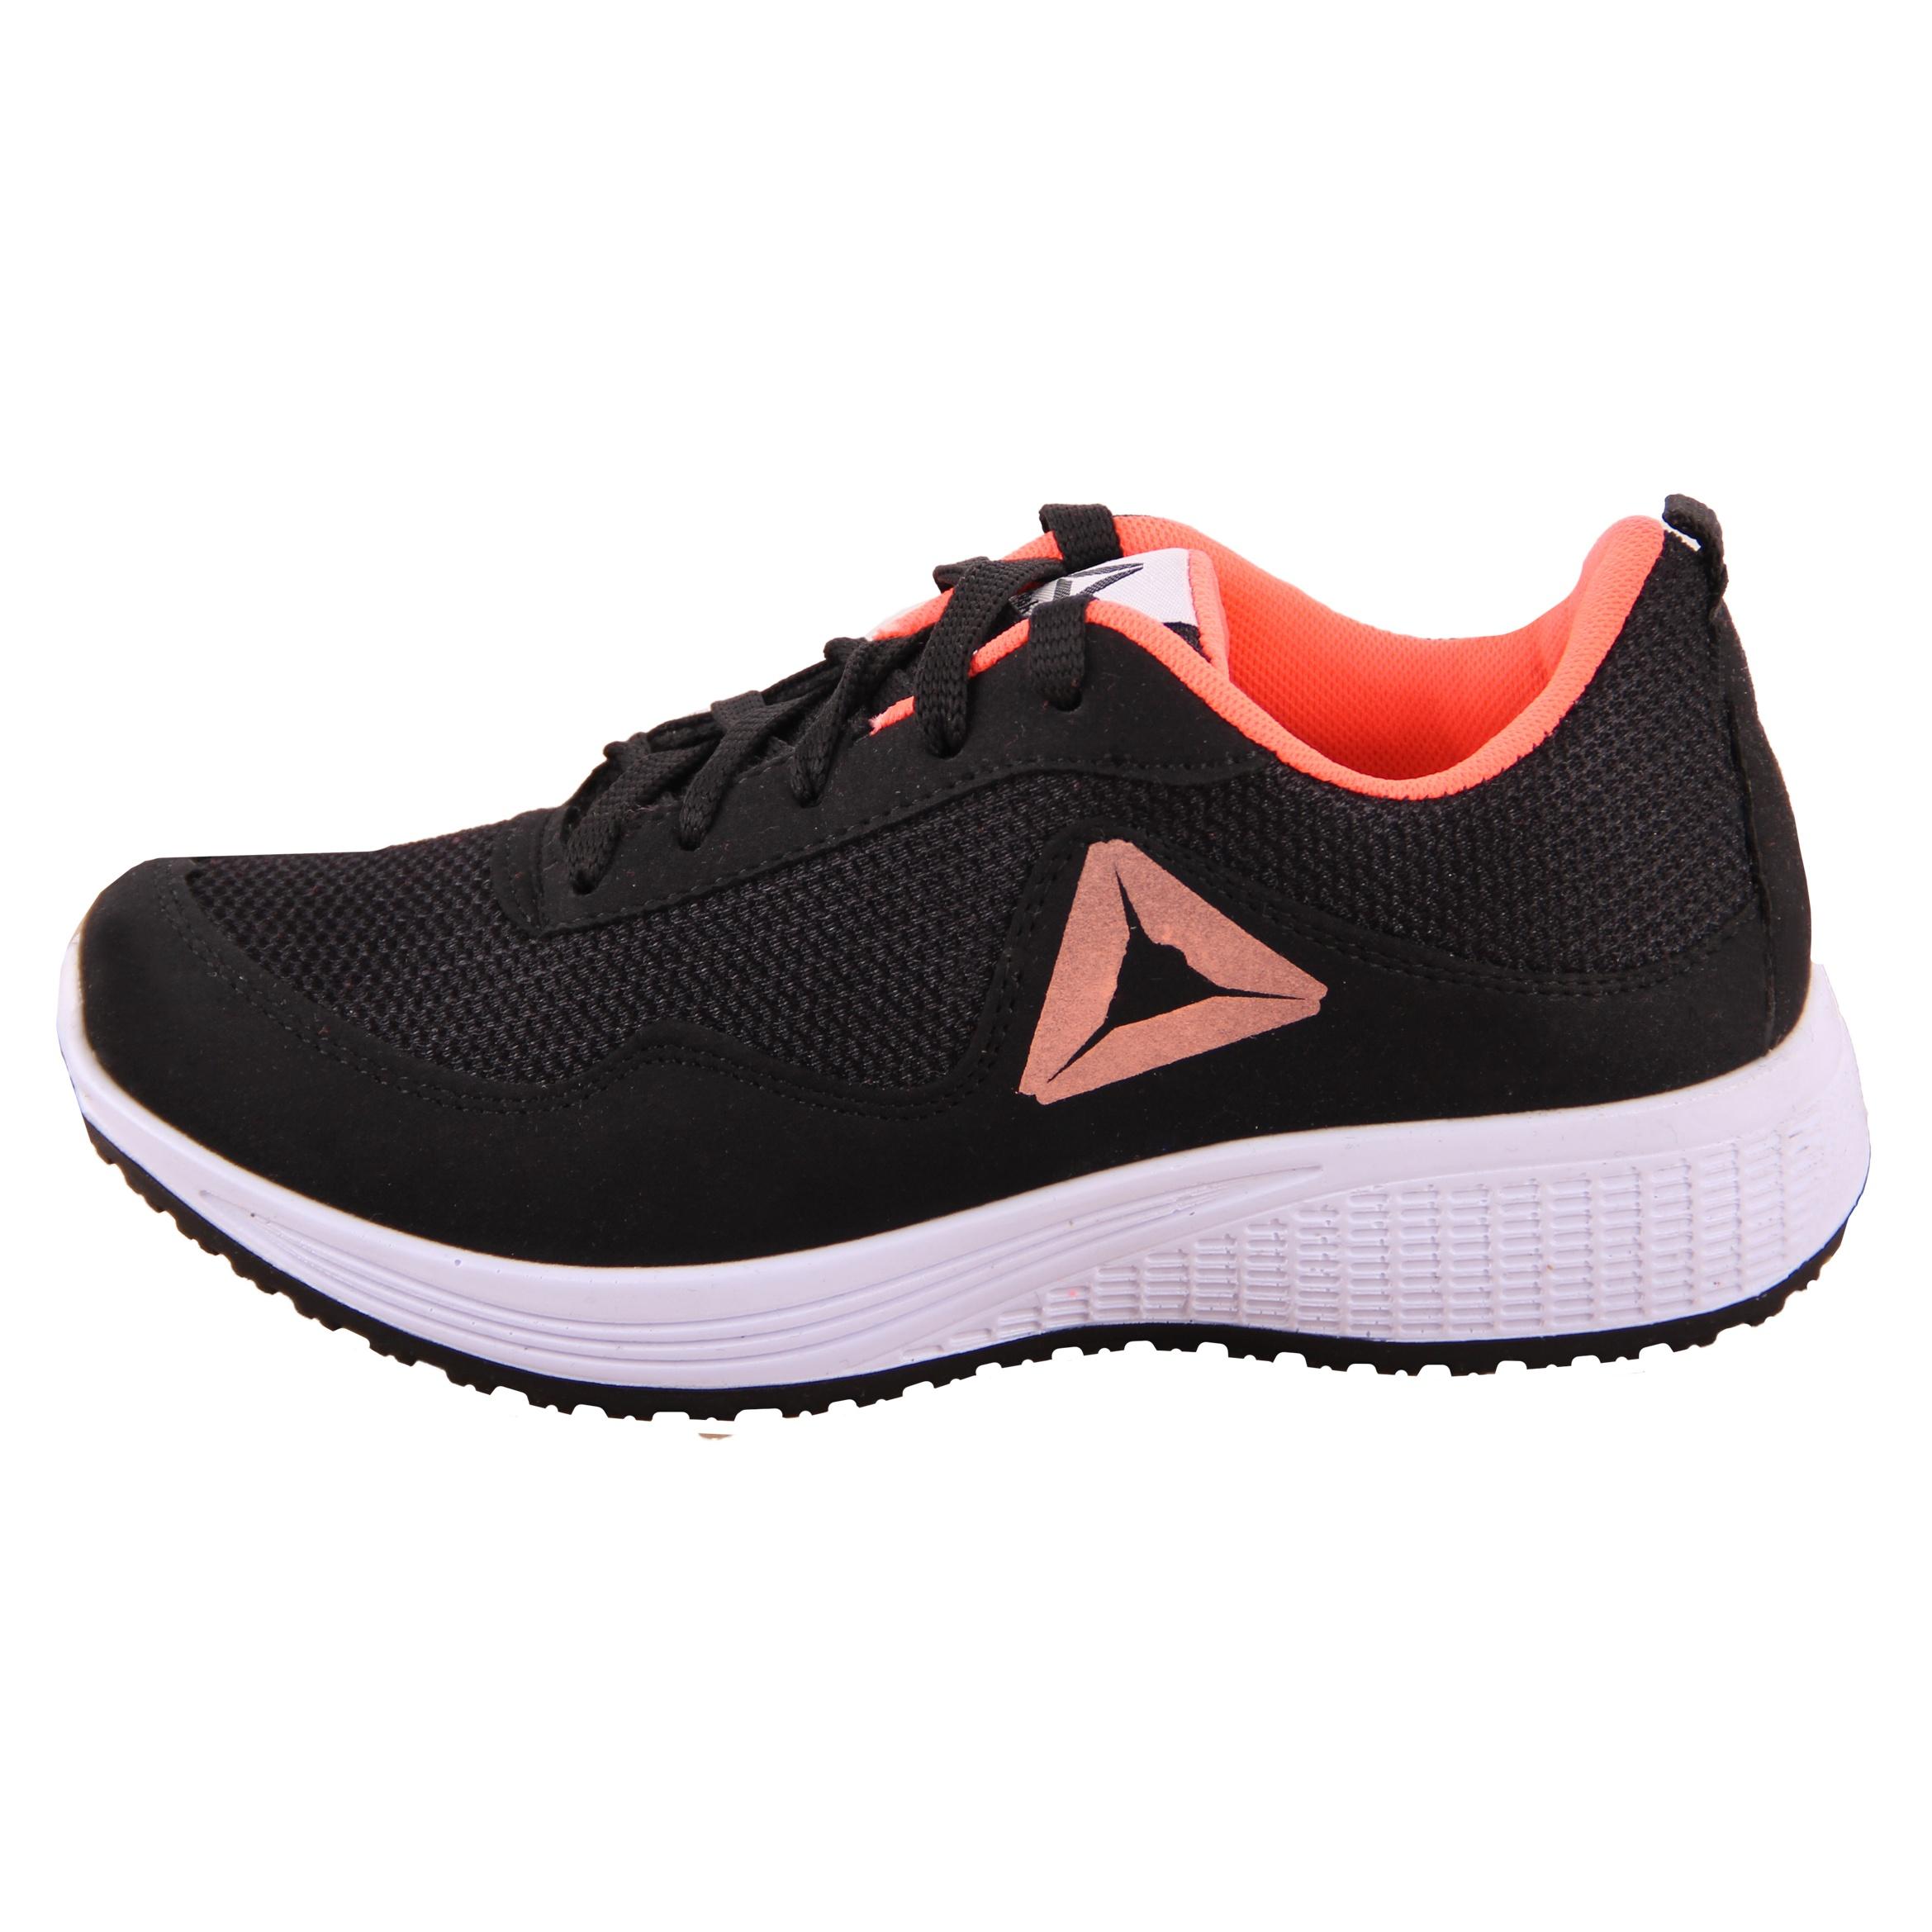 کفش مخصوص پیاده روی زنانه کد 16-39718